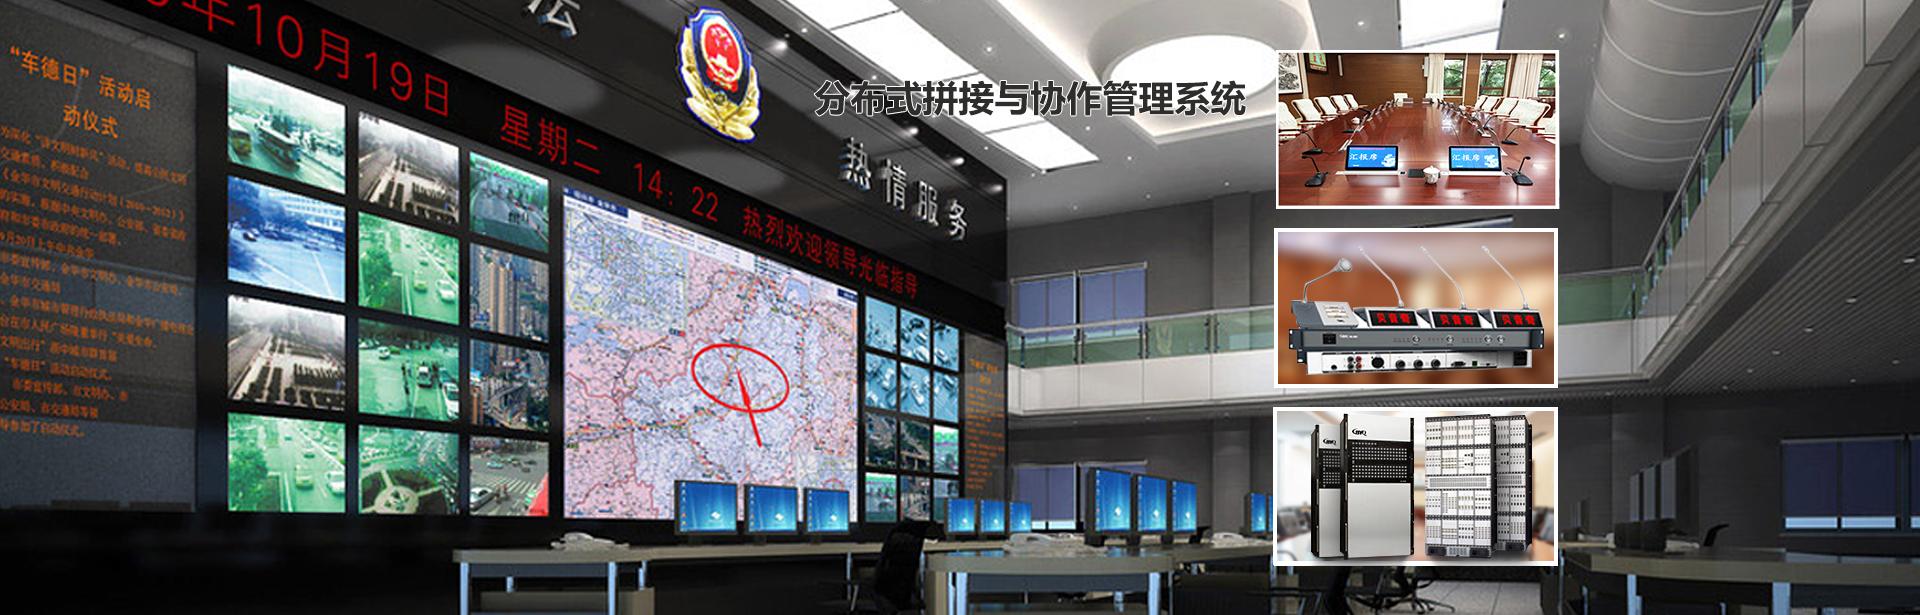 多媒體天博平台官网